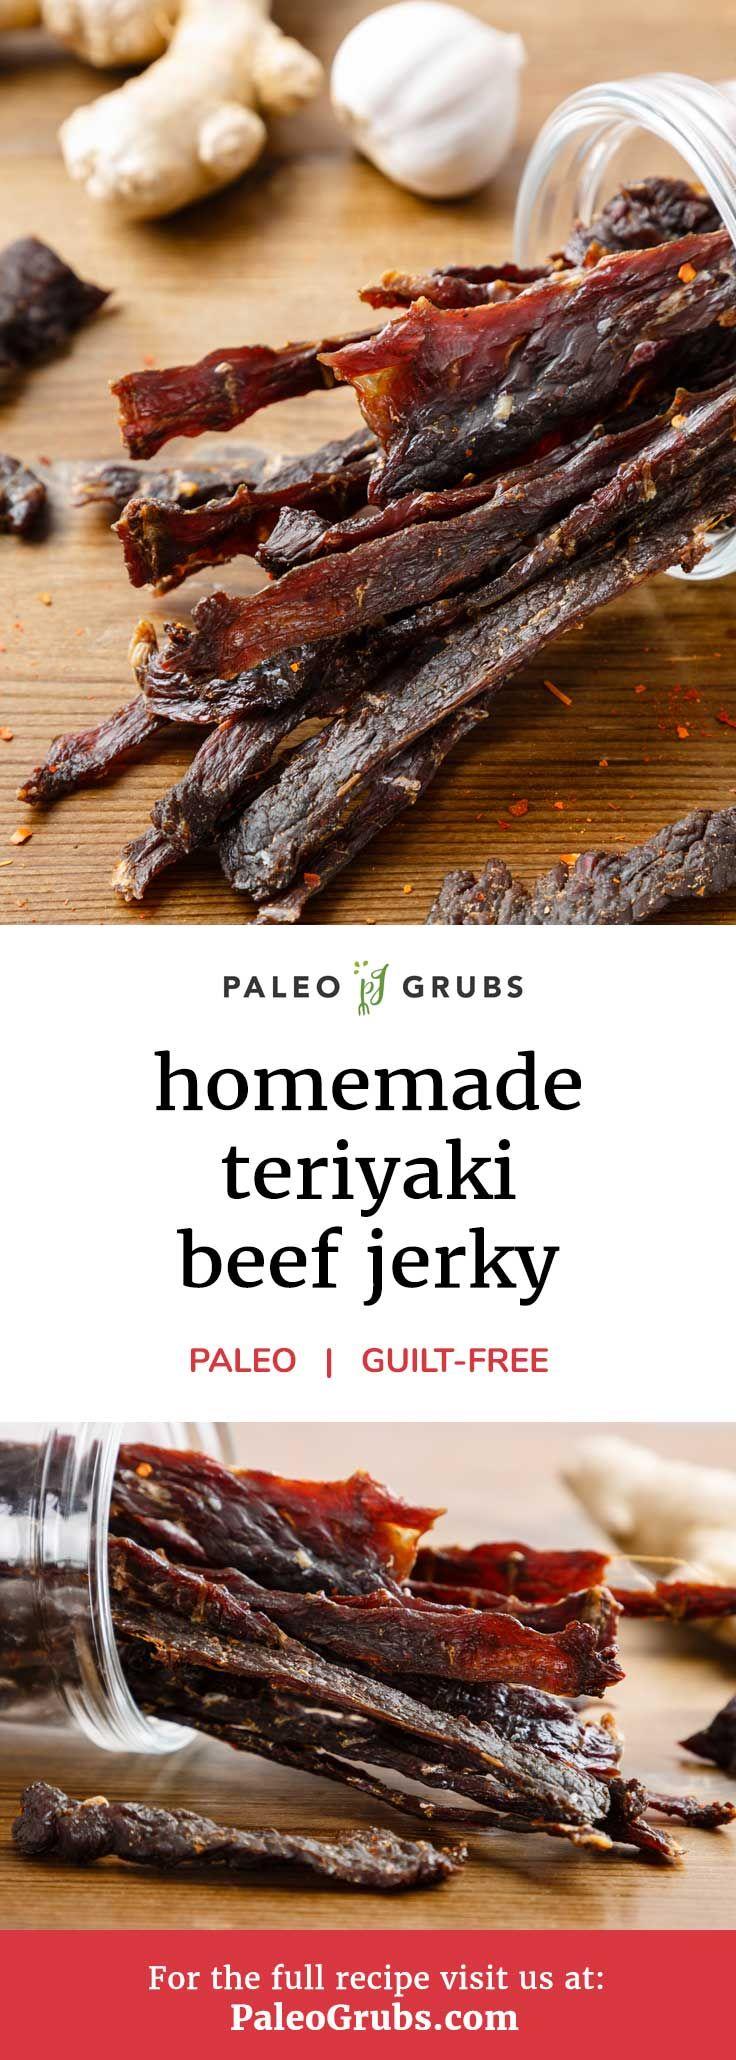 Hausgemachtes Gras gefüttertes Teriyaki-Trockenfleisch vom Rind – das beste Trockenfleisch-Rezept aller Zeiten